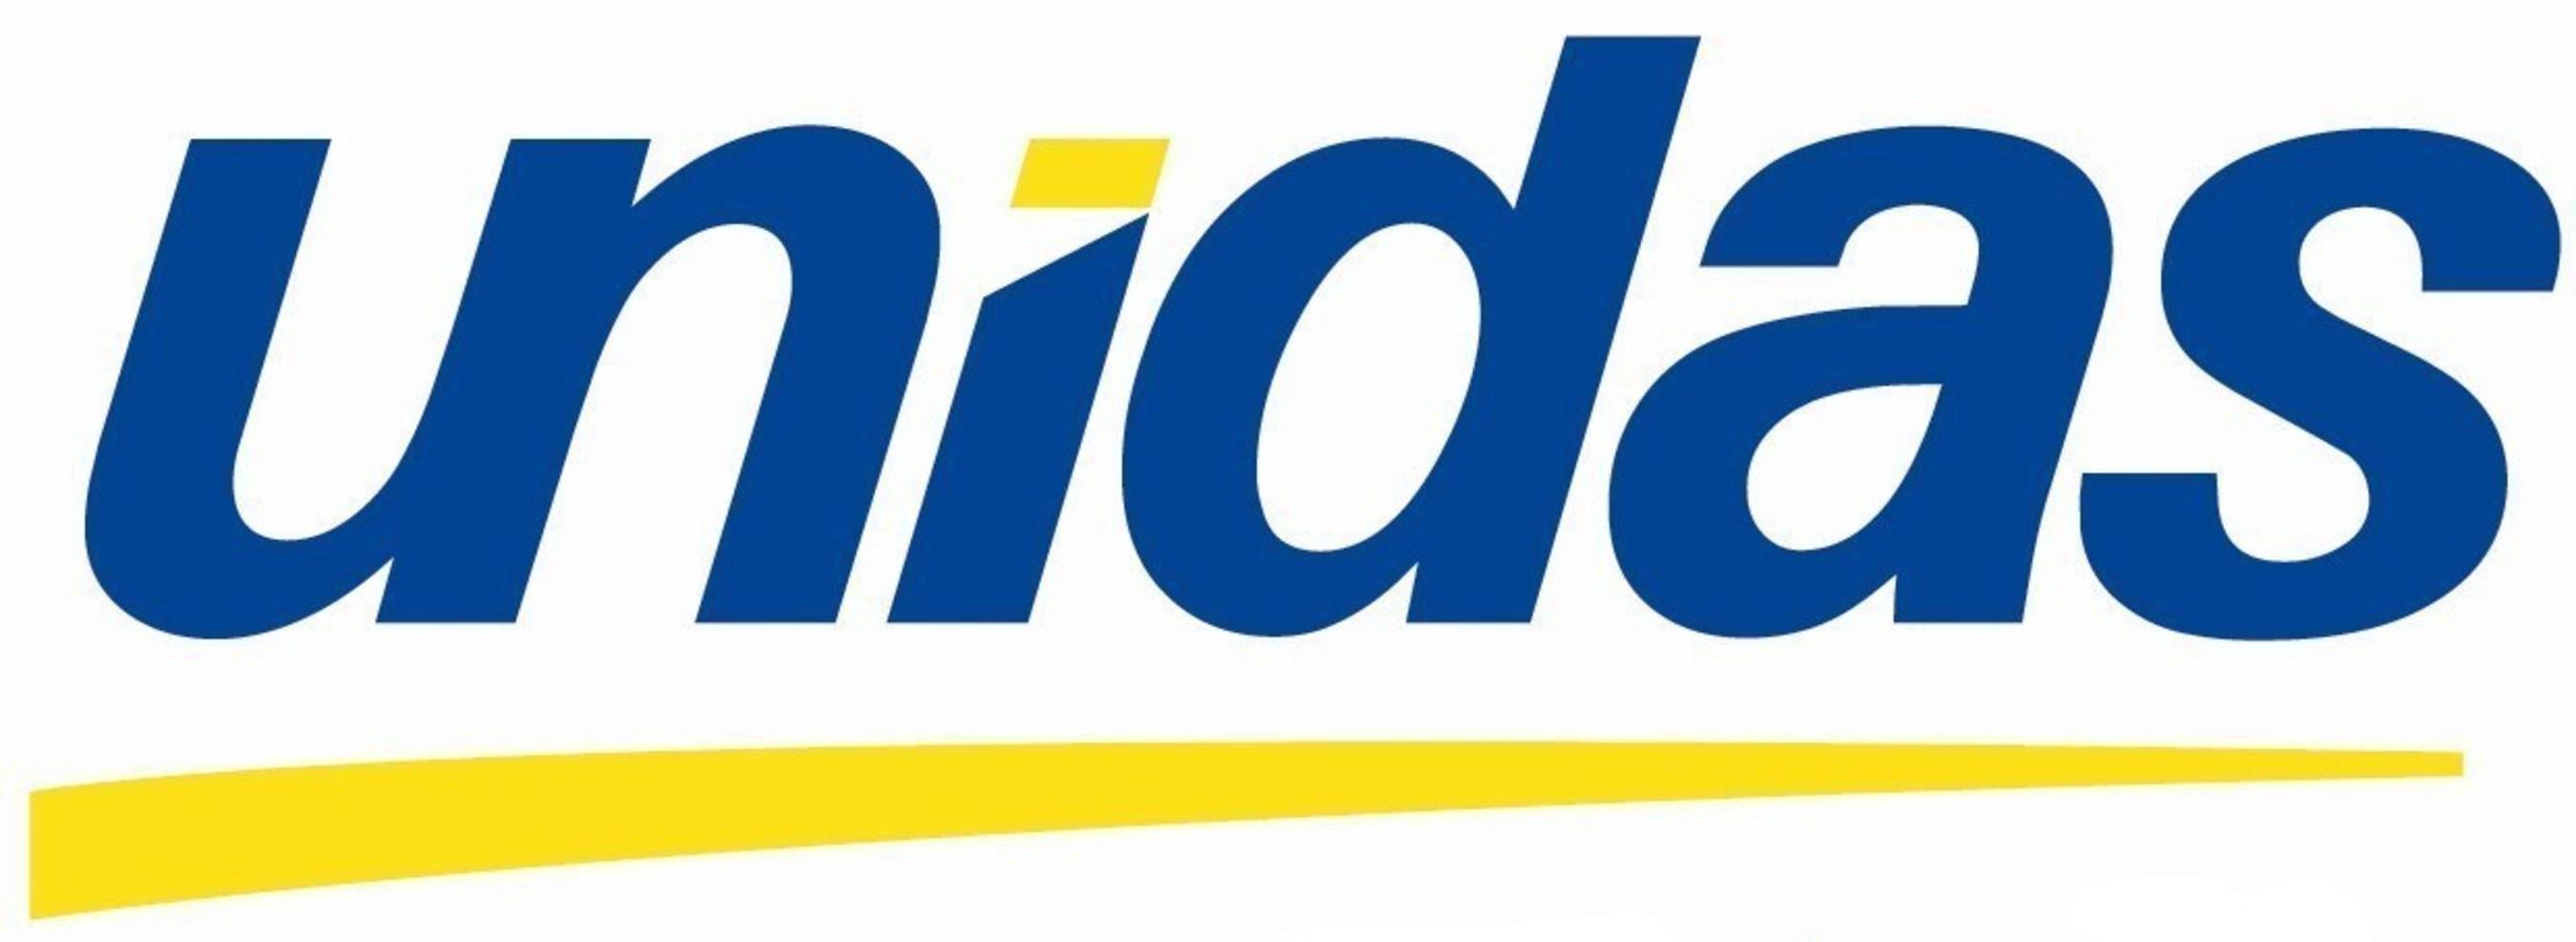 Unidas - www.unidas.com.br/en.apx